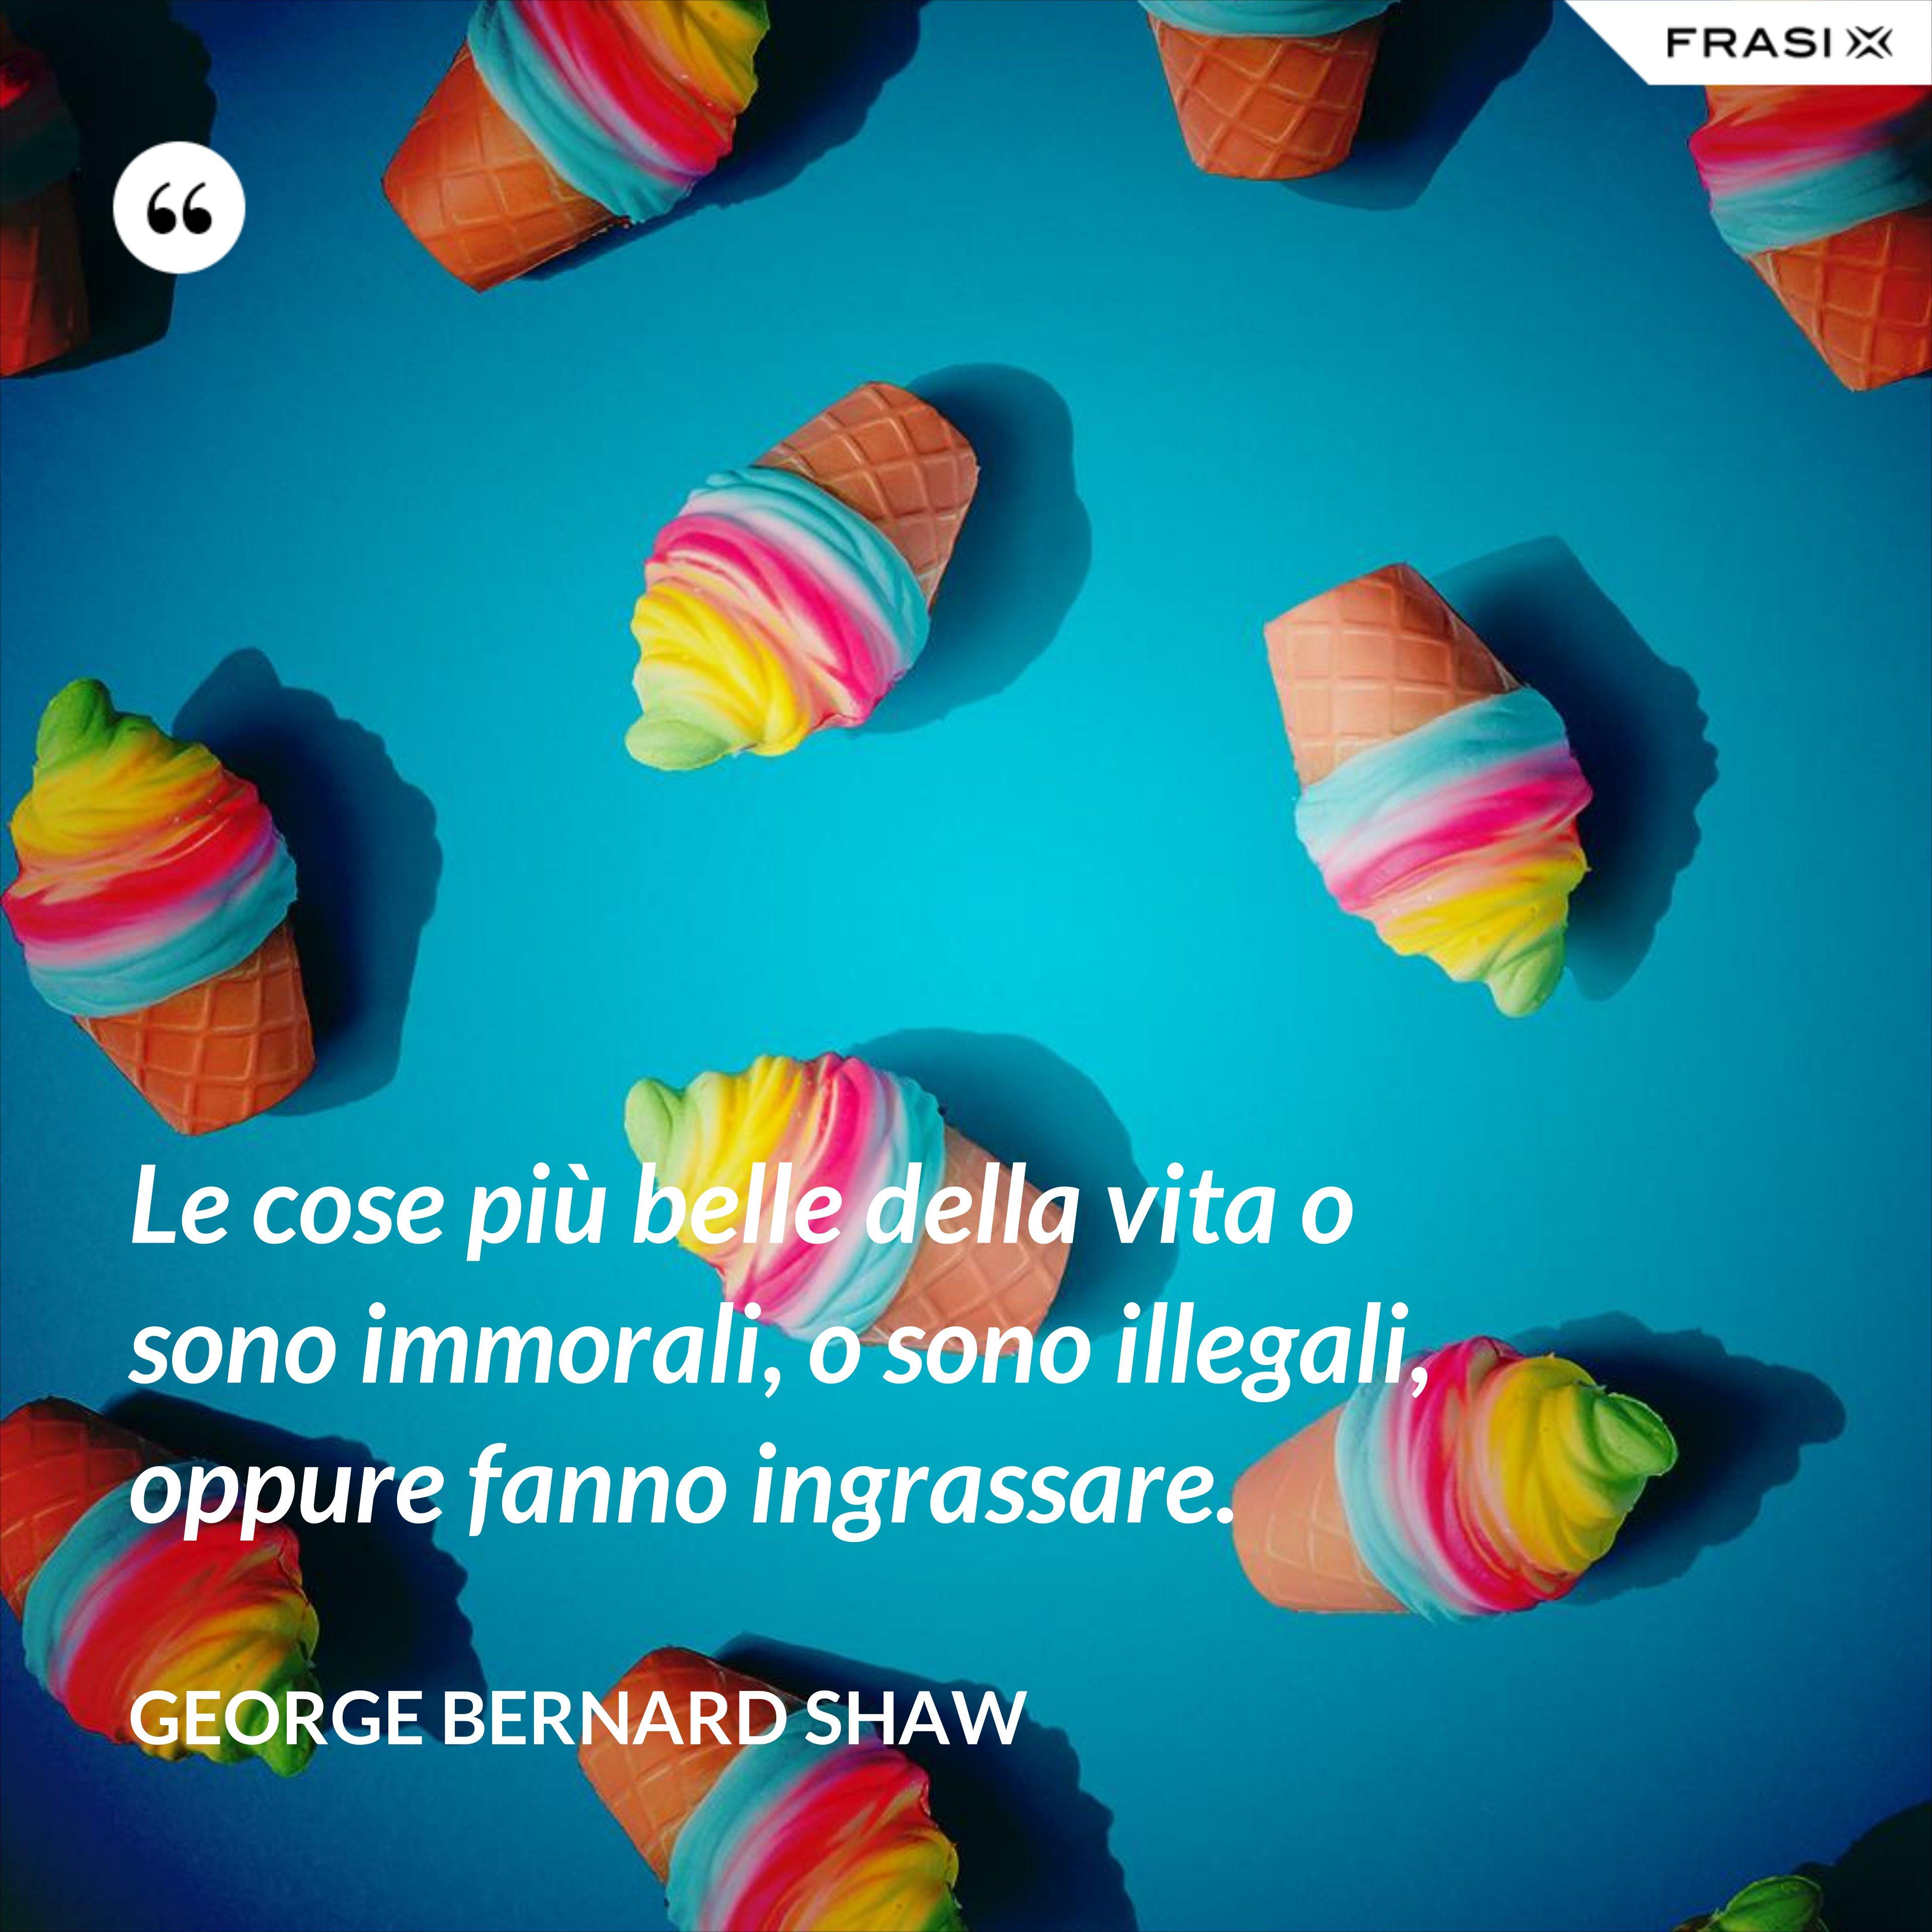 Le cose più belle della vita o sono immorali, o sono illegali, oppure fanno ingrassare. - George Bernard Shaw